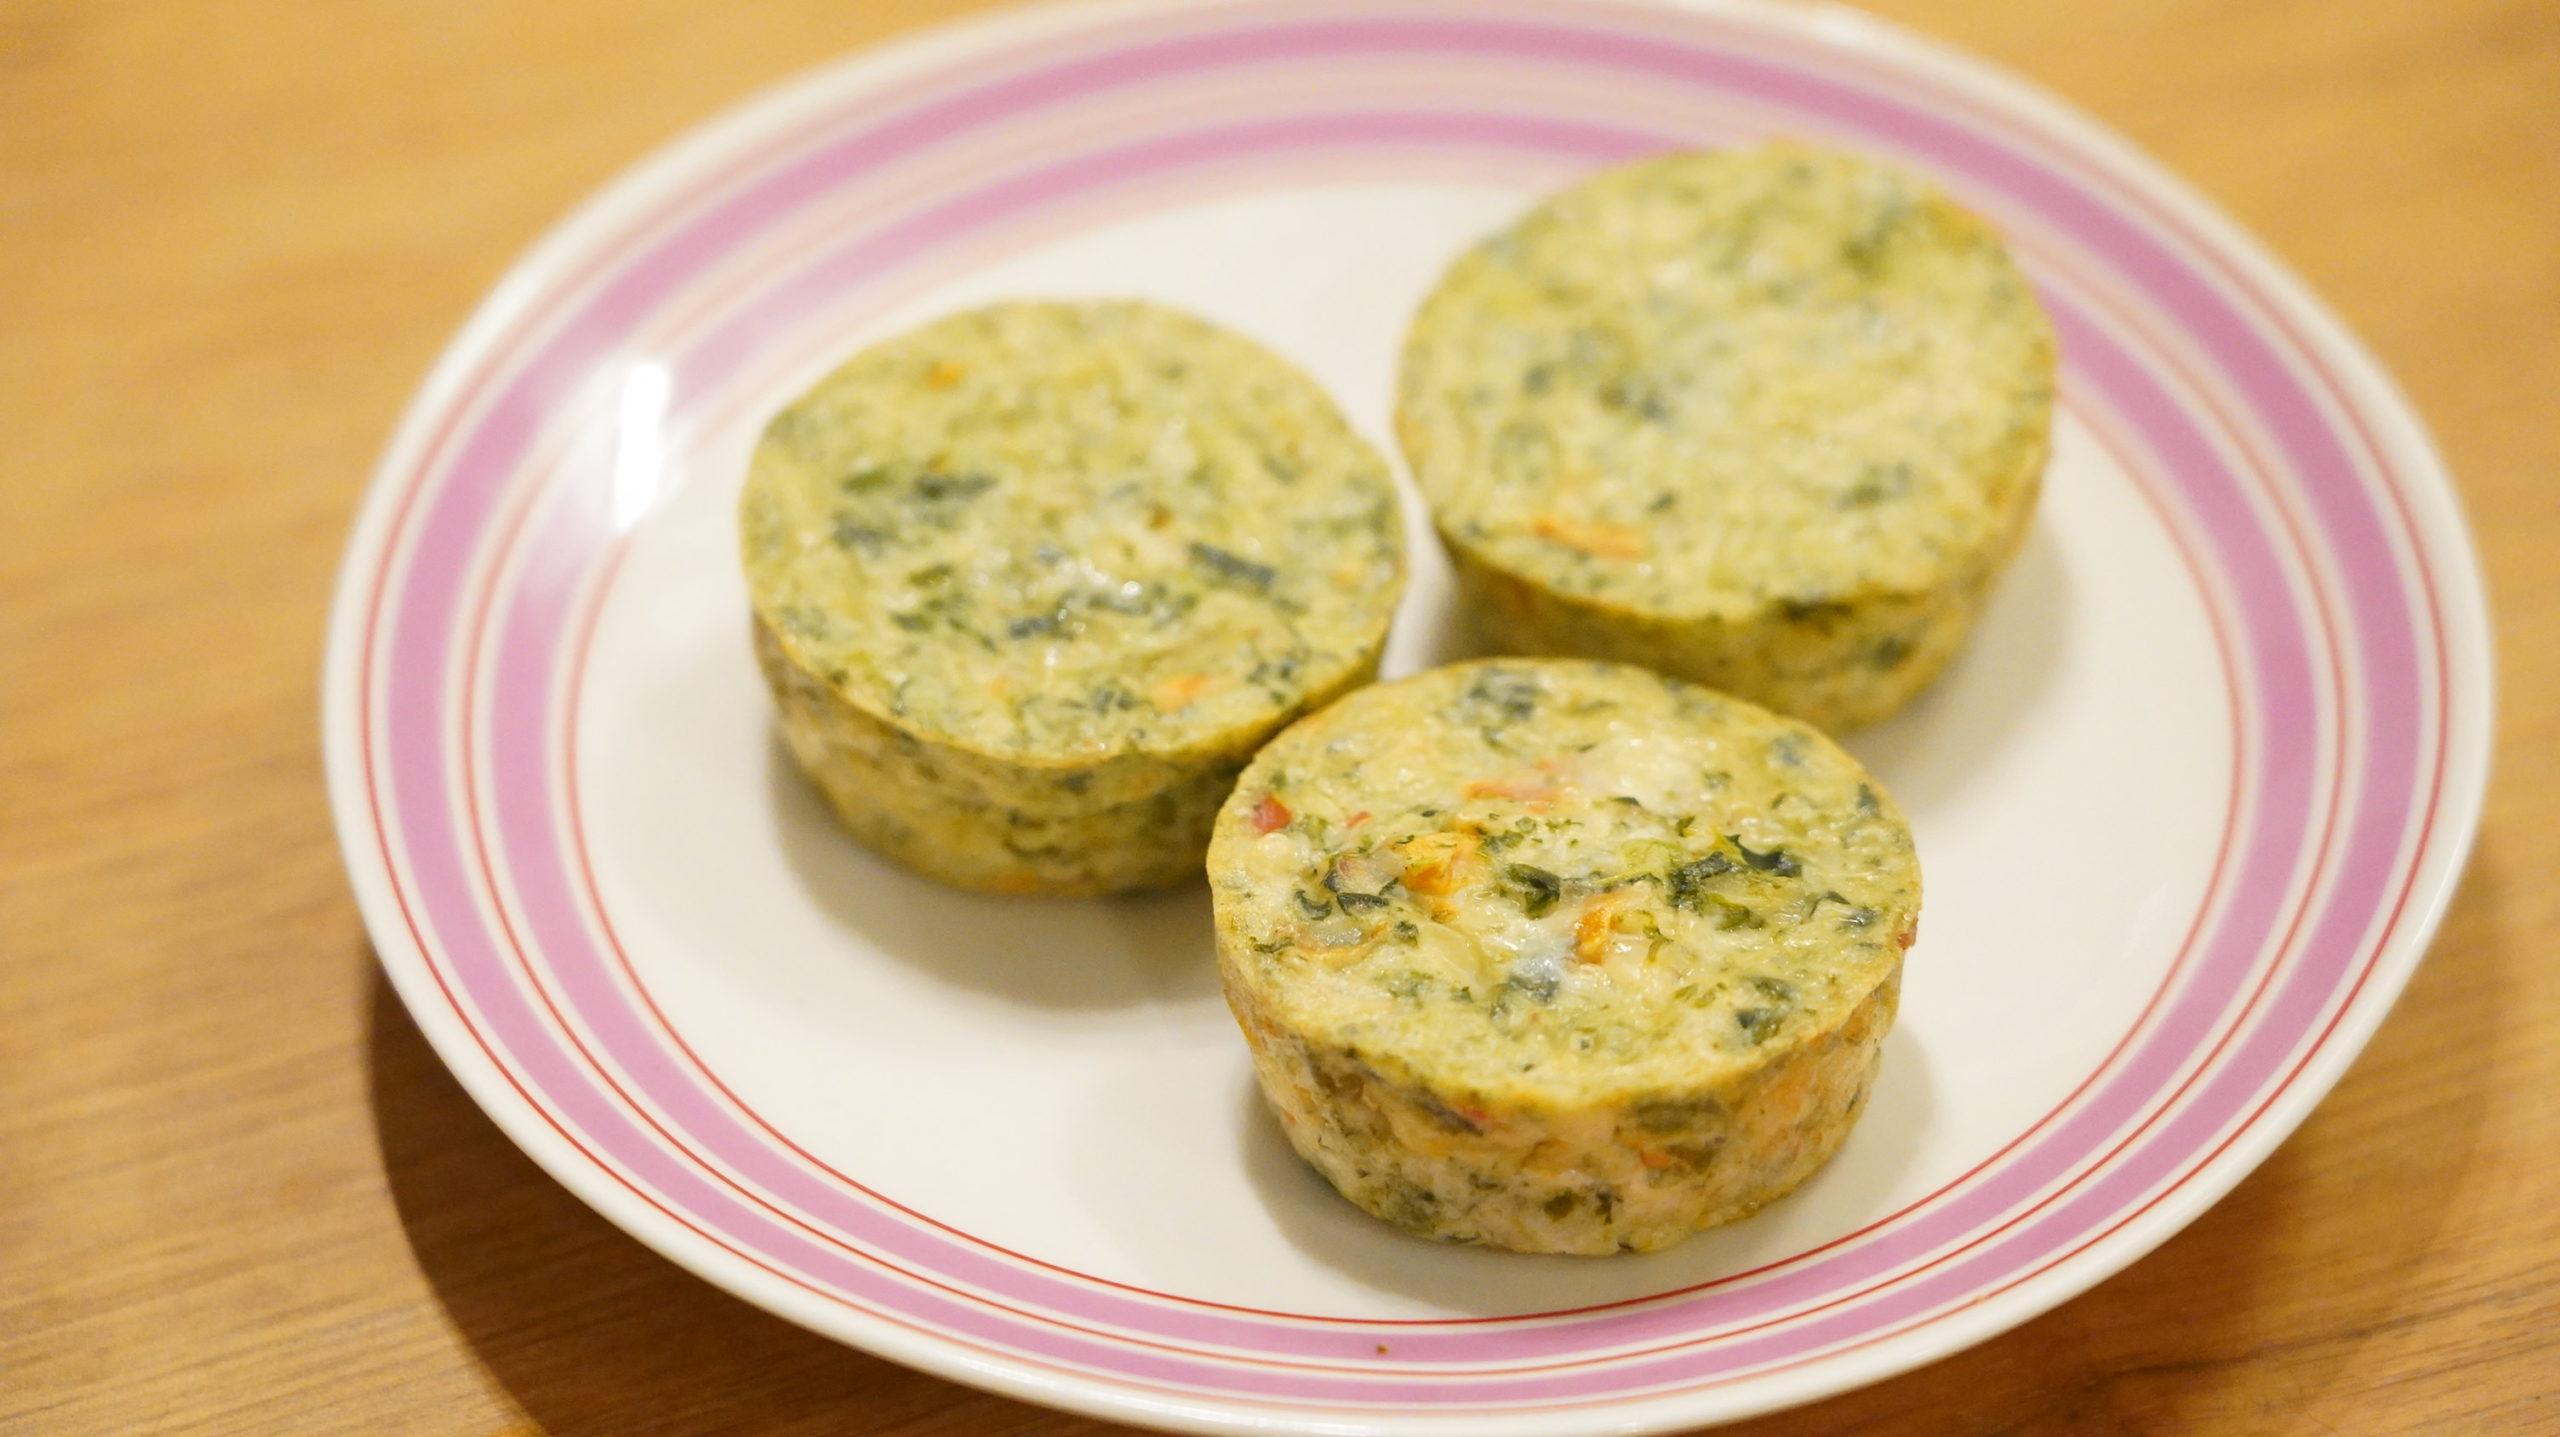 コストコの冷凍食品「ほうれん草のフリッタータ」のクローズアップ写真